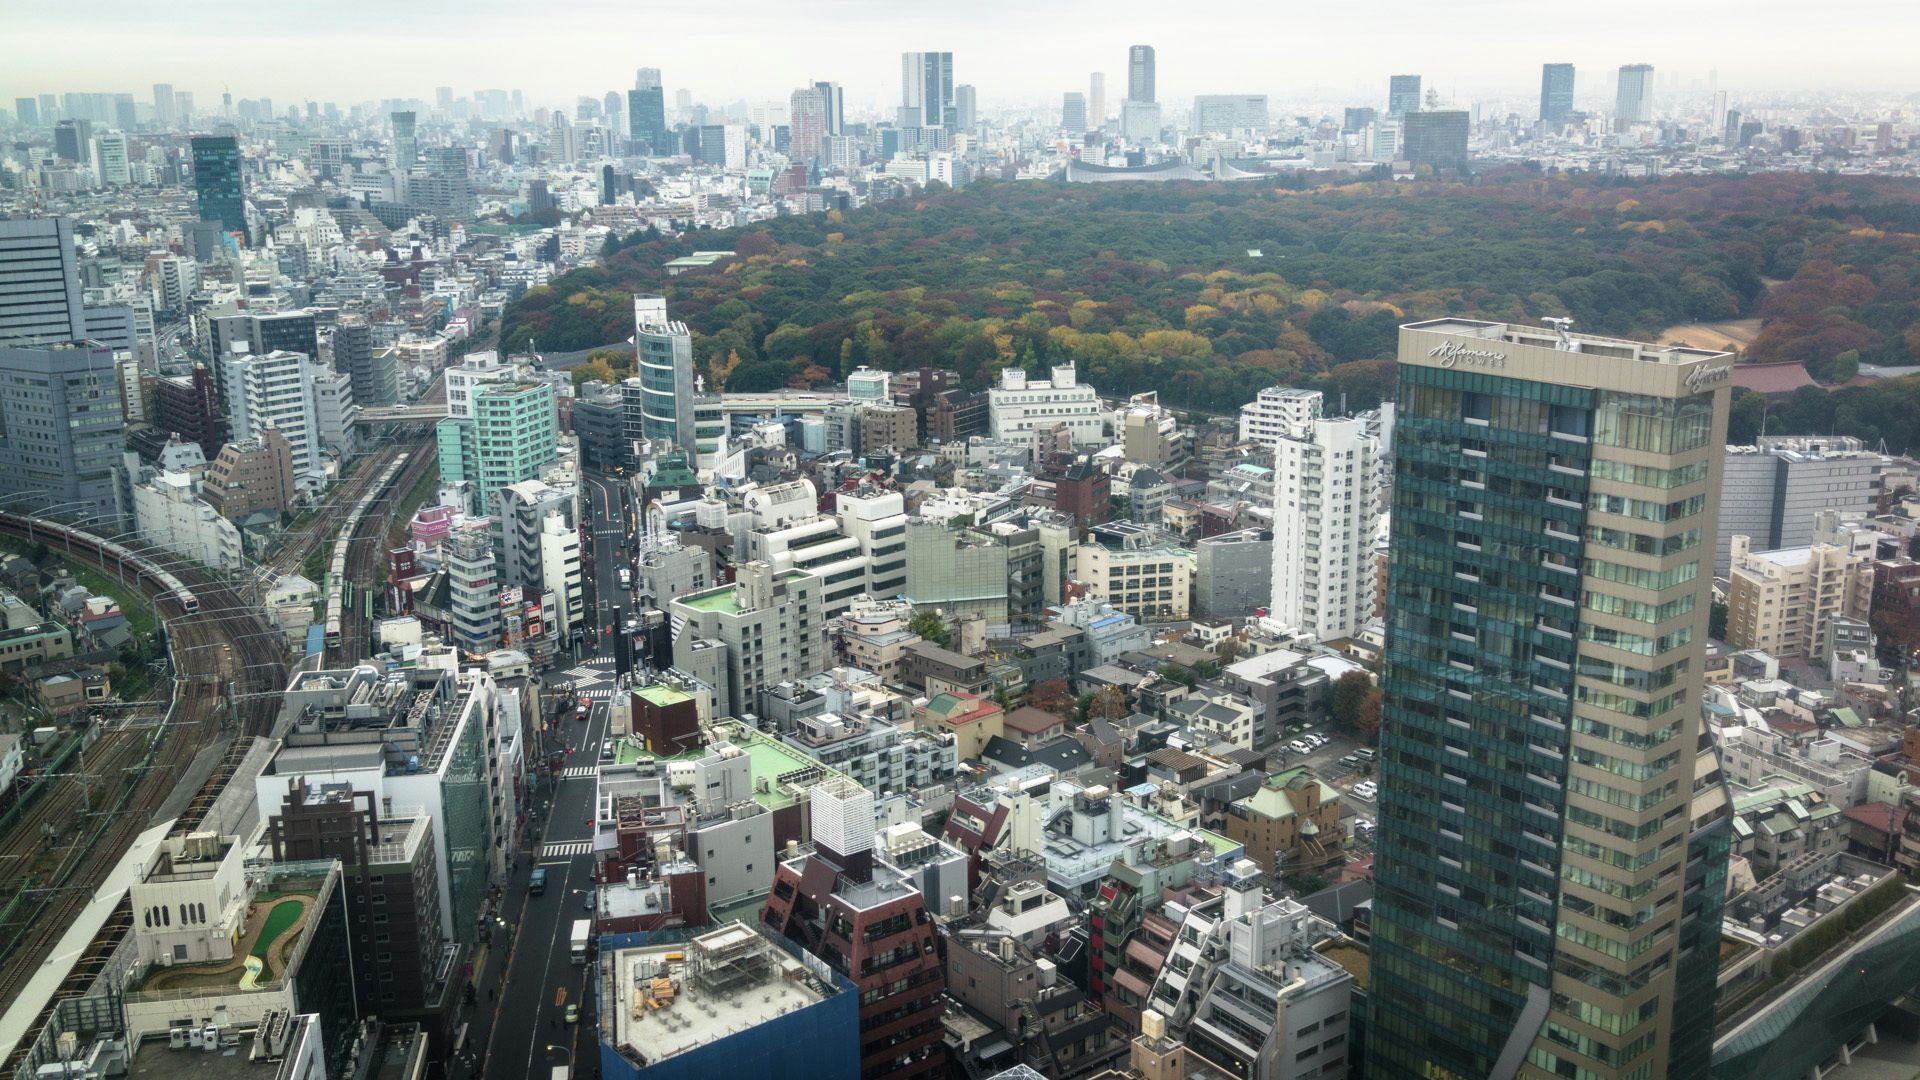 Cidades híbridas: Refletindo sobre os ecossistemas locais